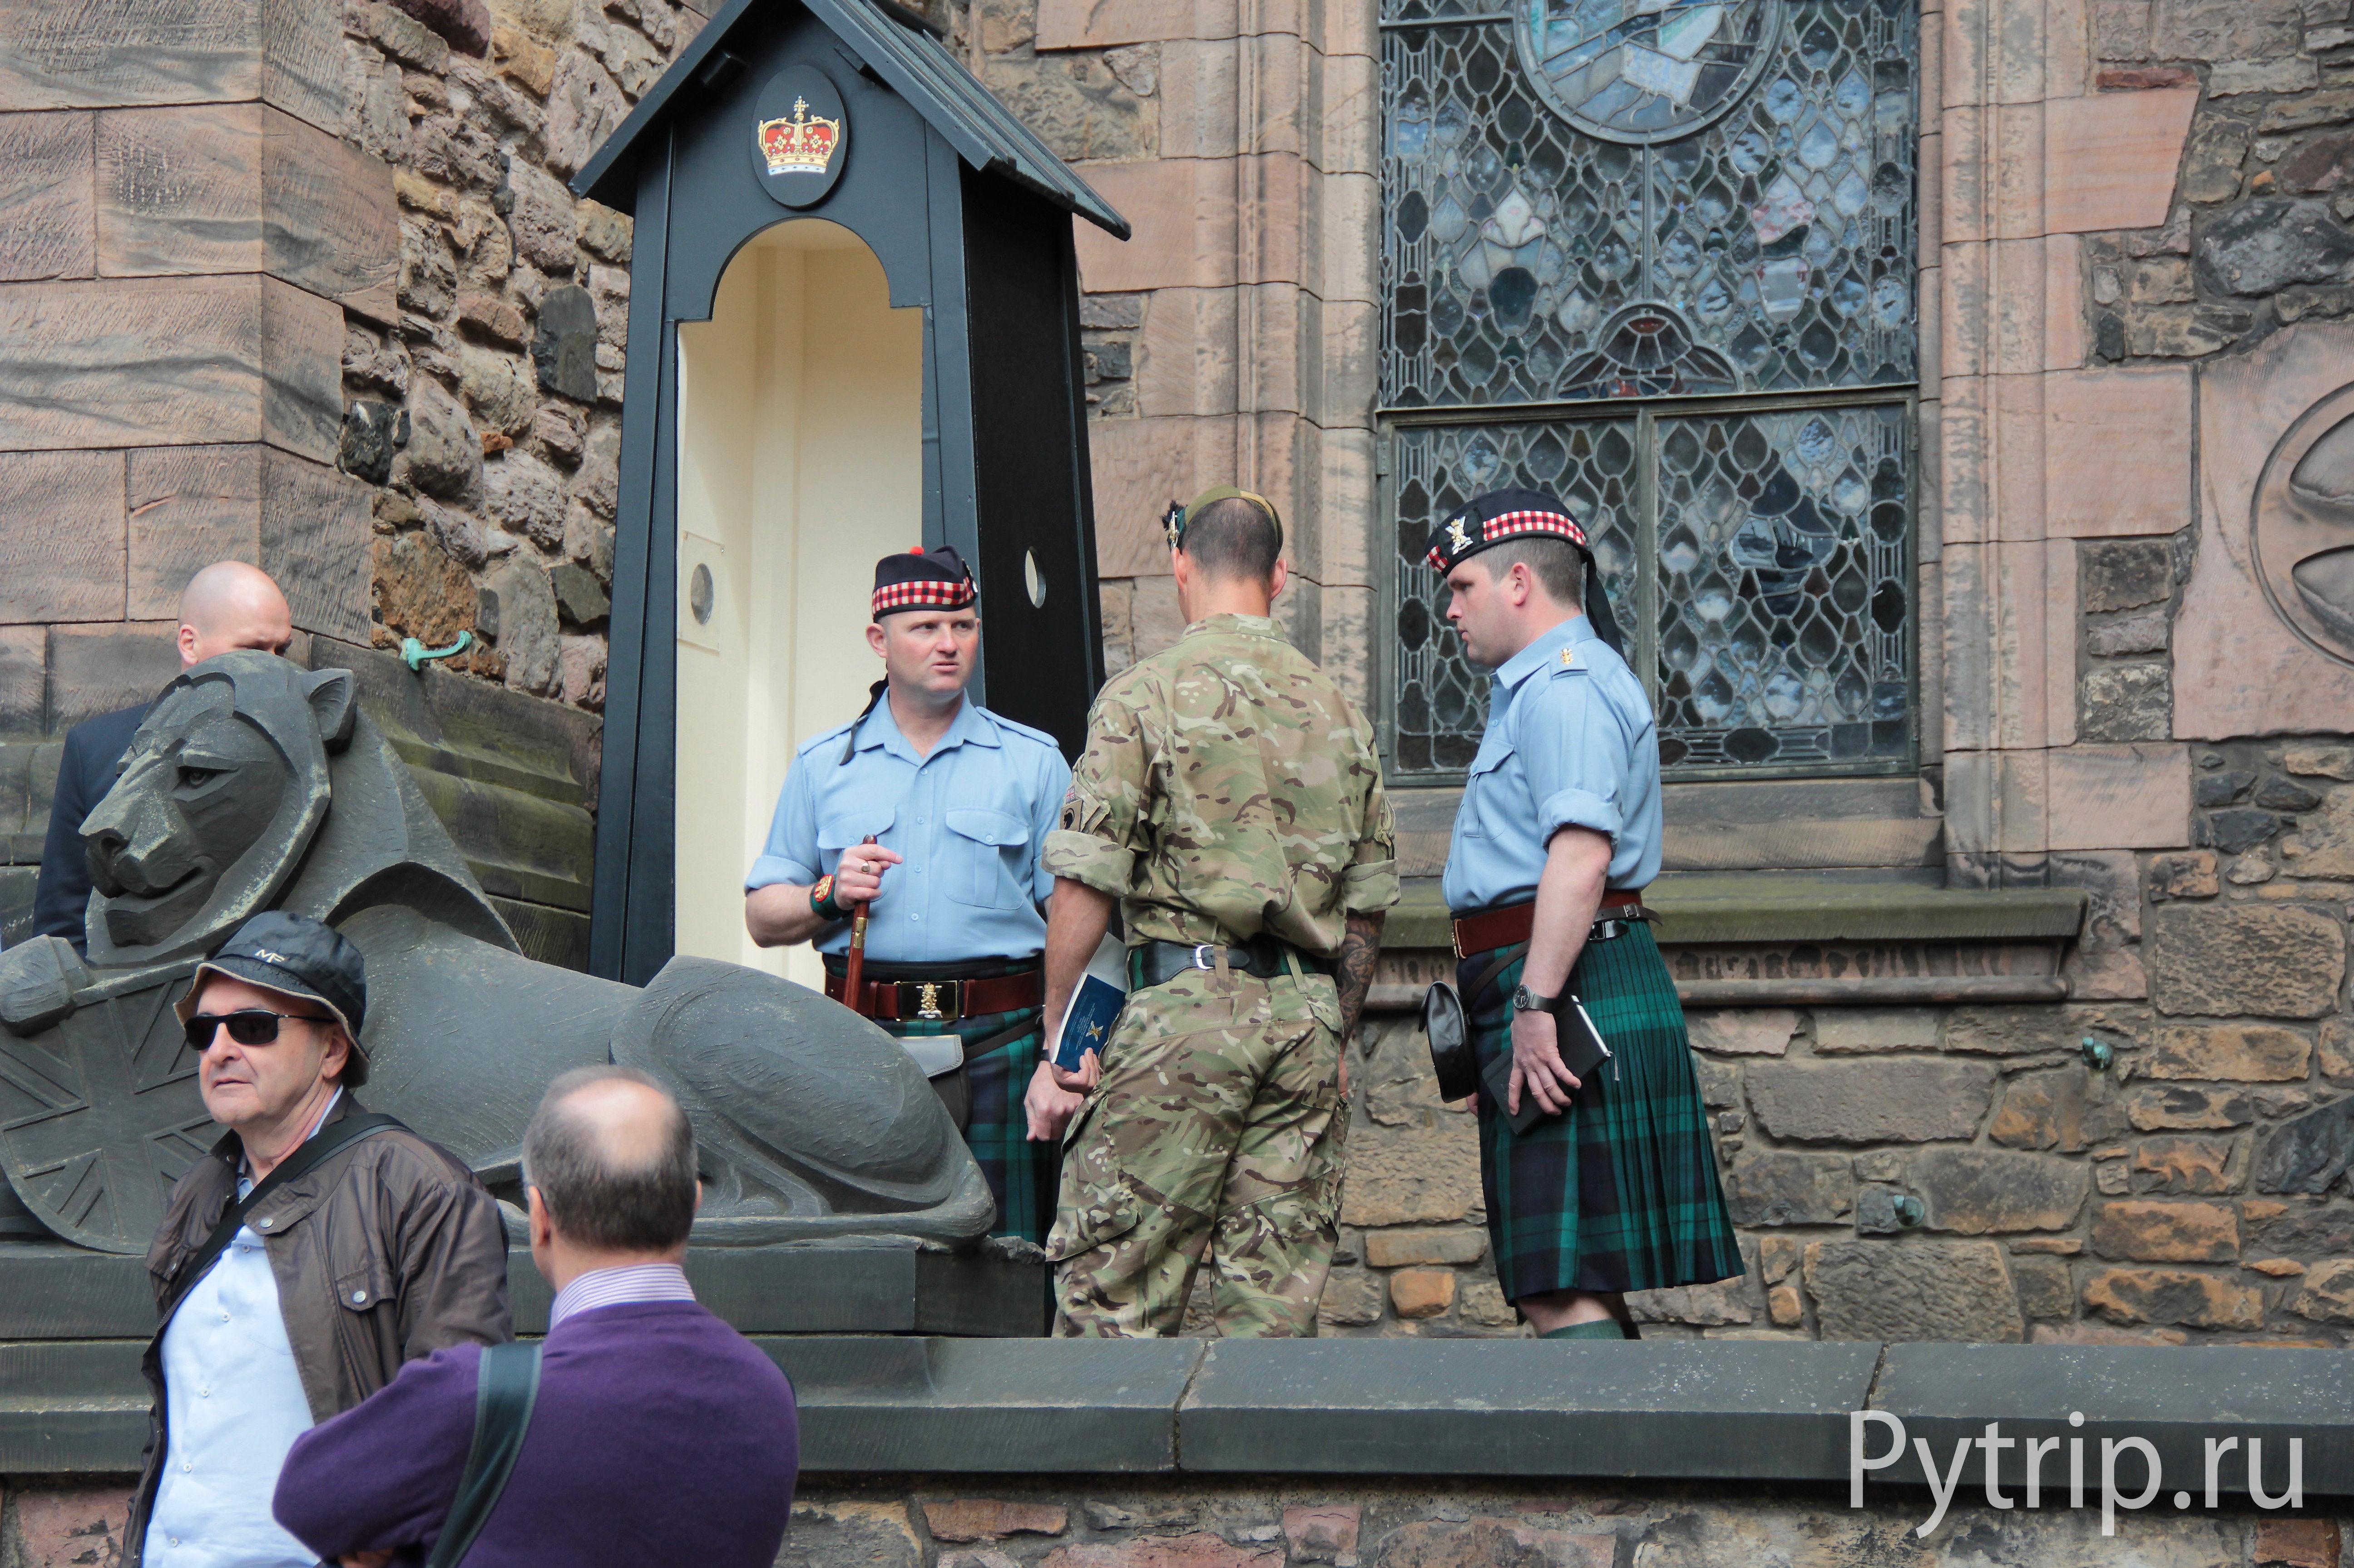 Охрана в Эдинбургском замке